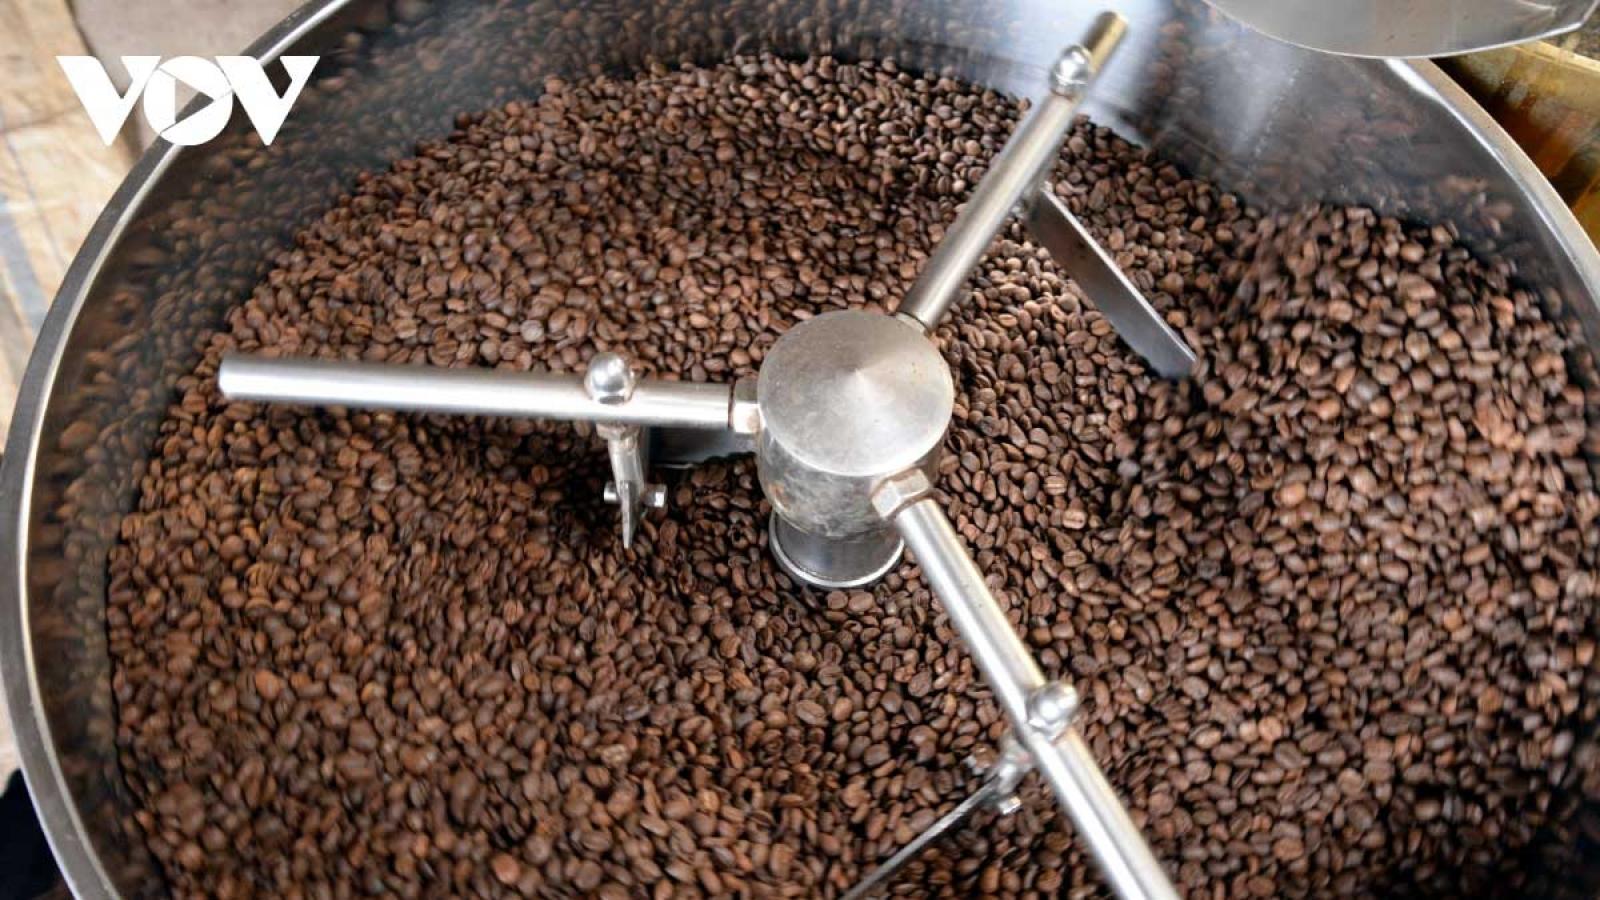 Việt Nam cần làm gì để có thương hiệu cà phê đặc sản?